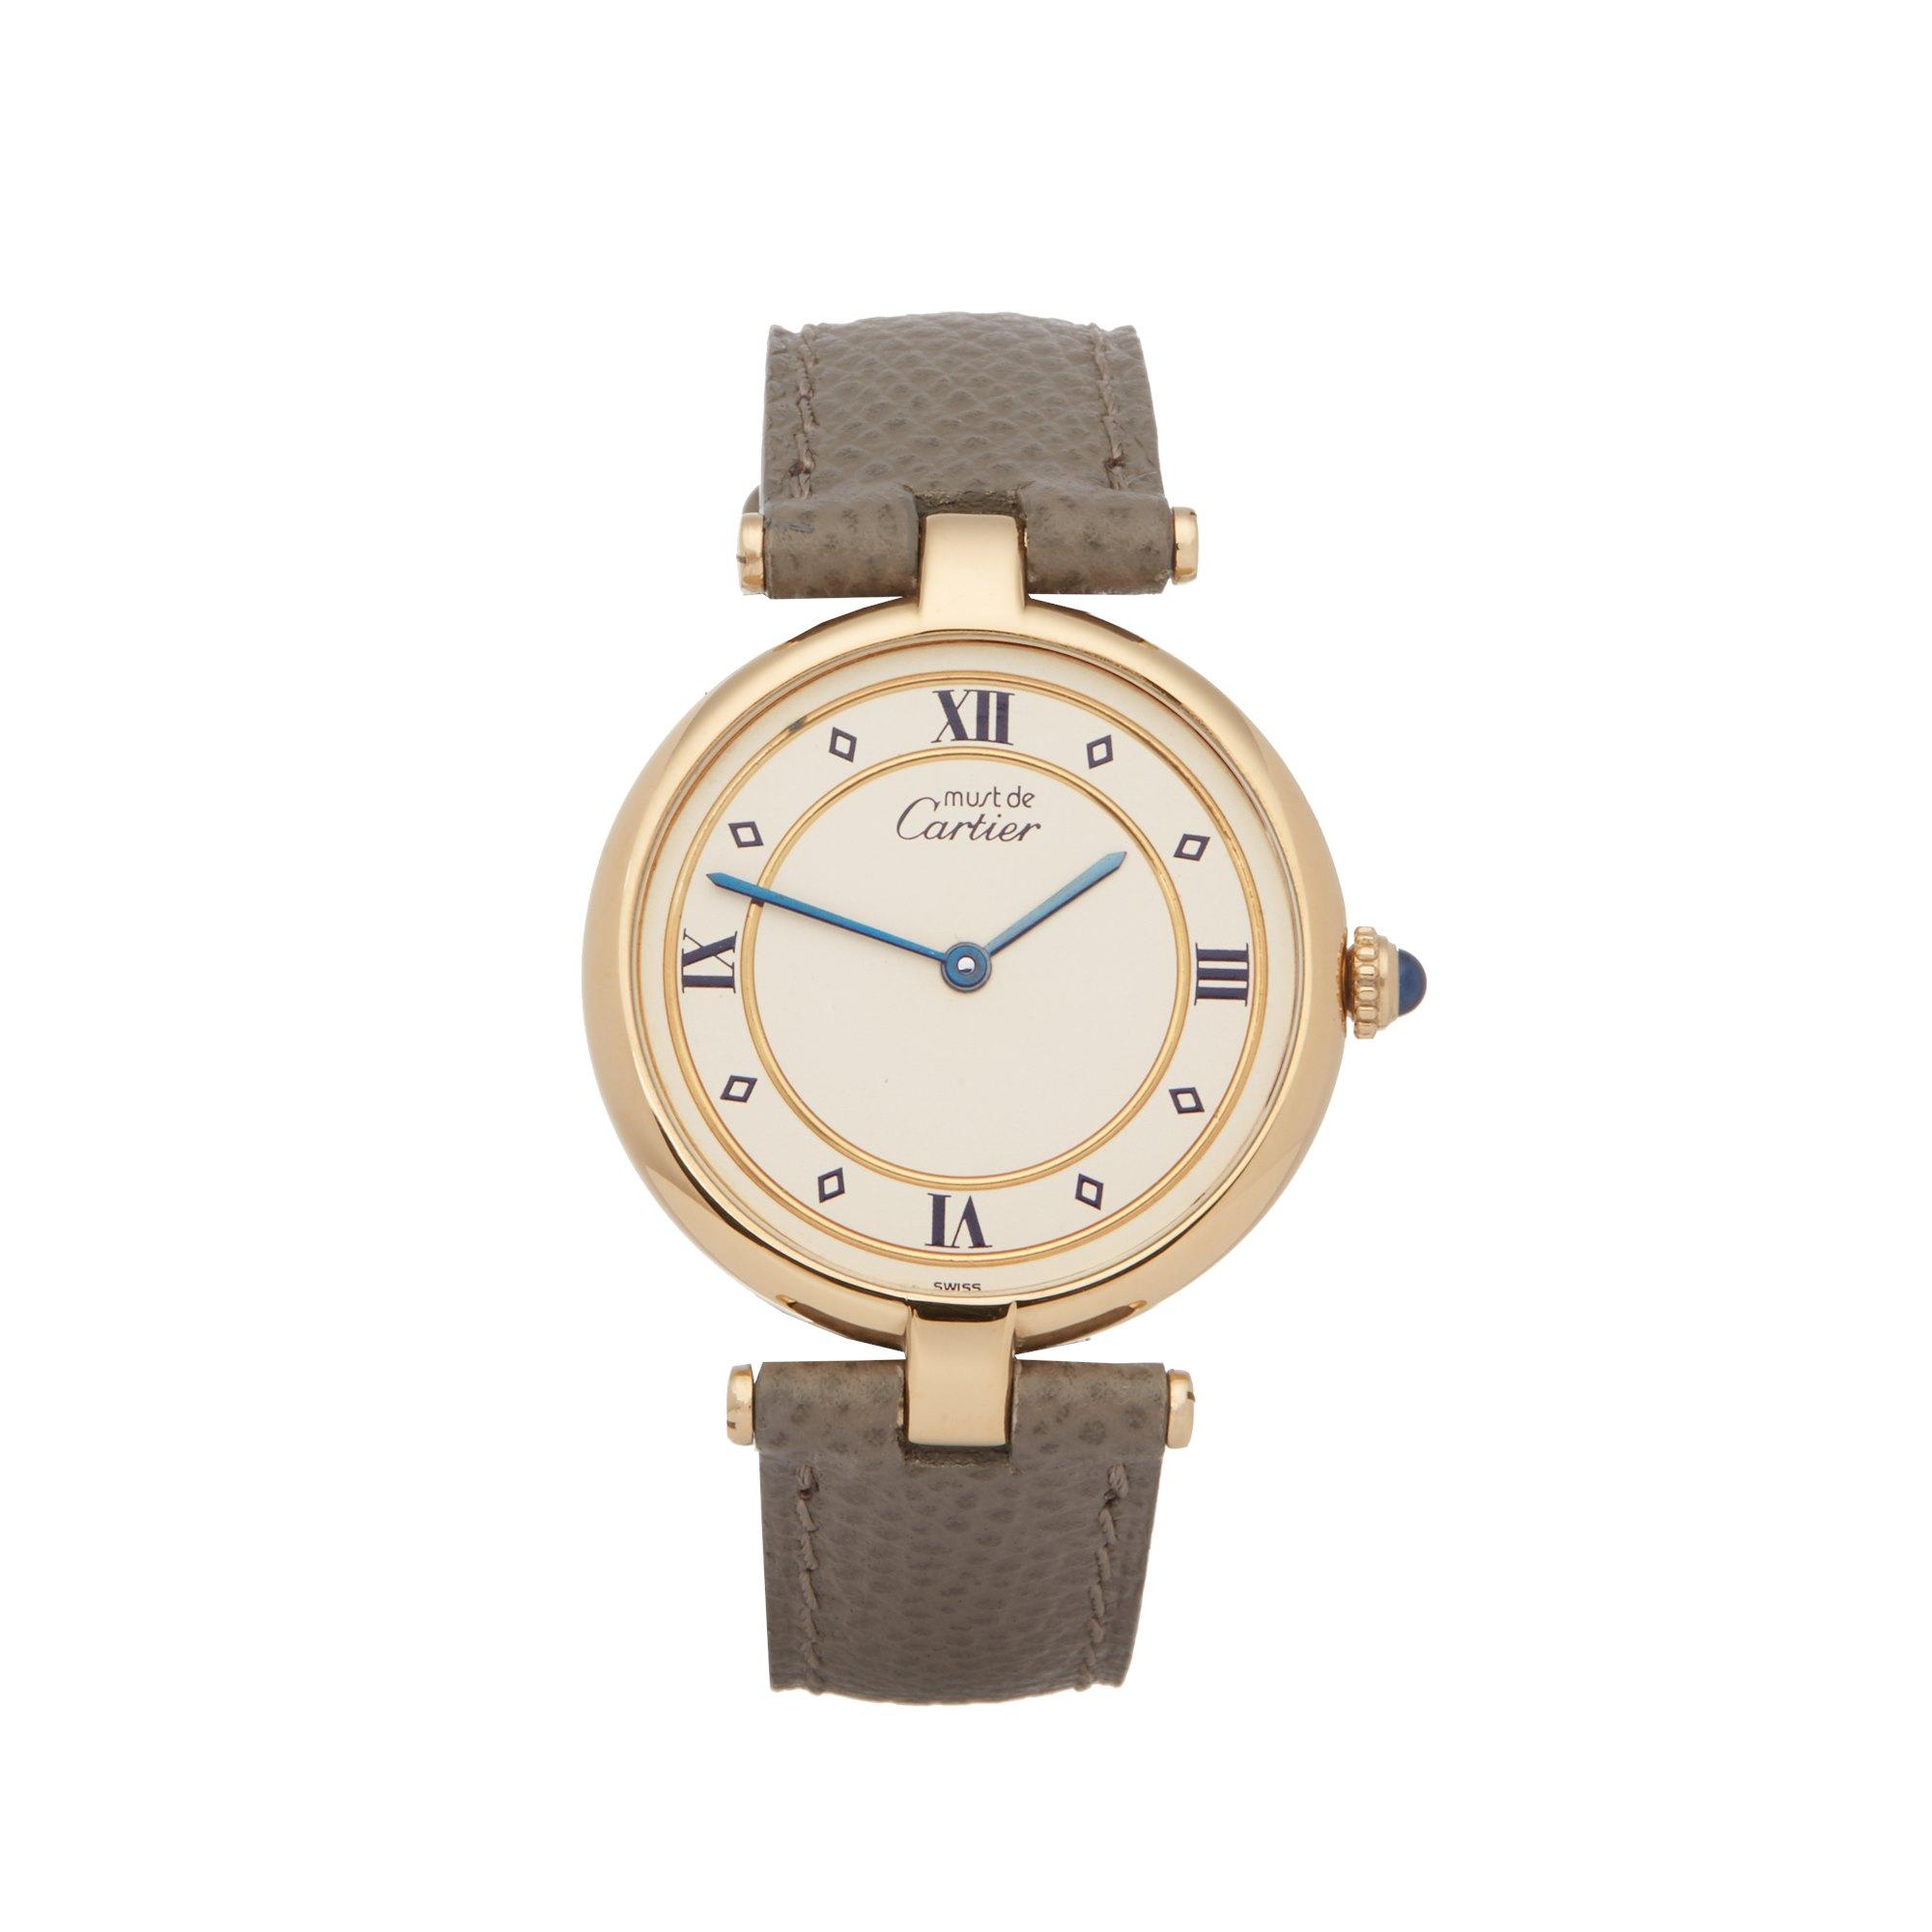 Cartier Must de Cartier Ronde Gold Plated 101958